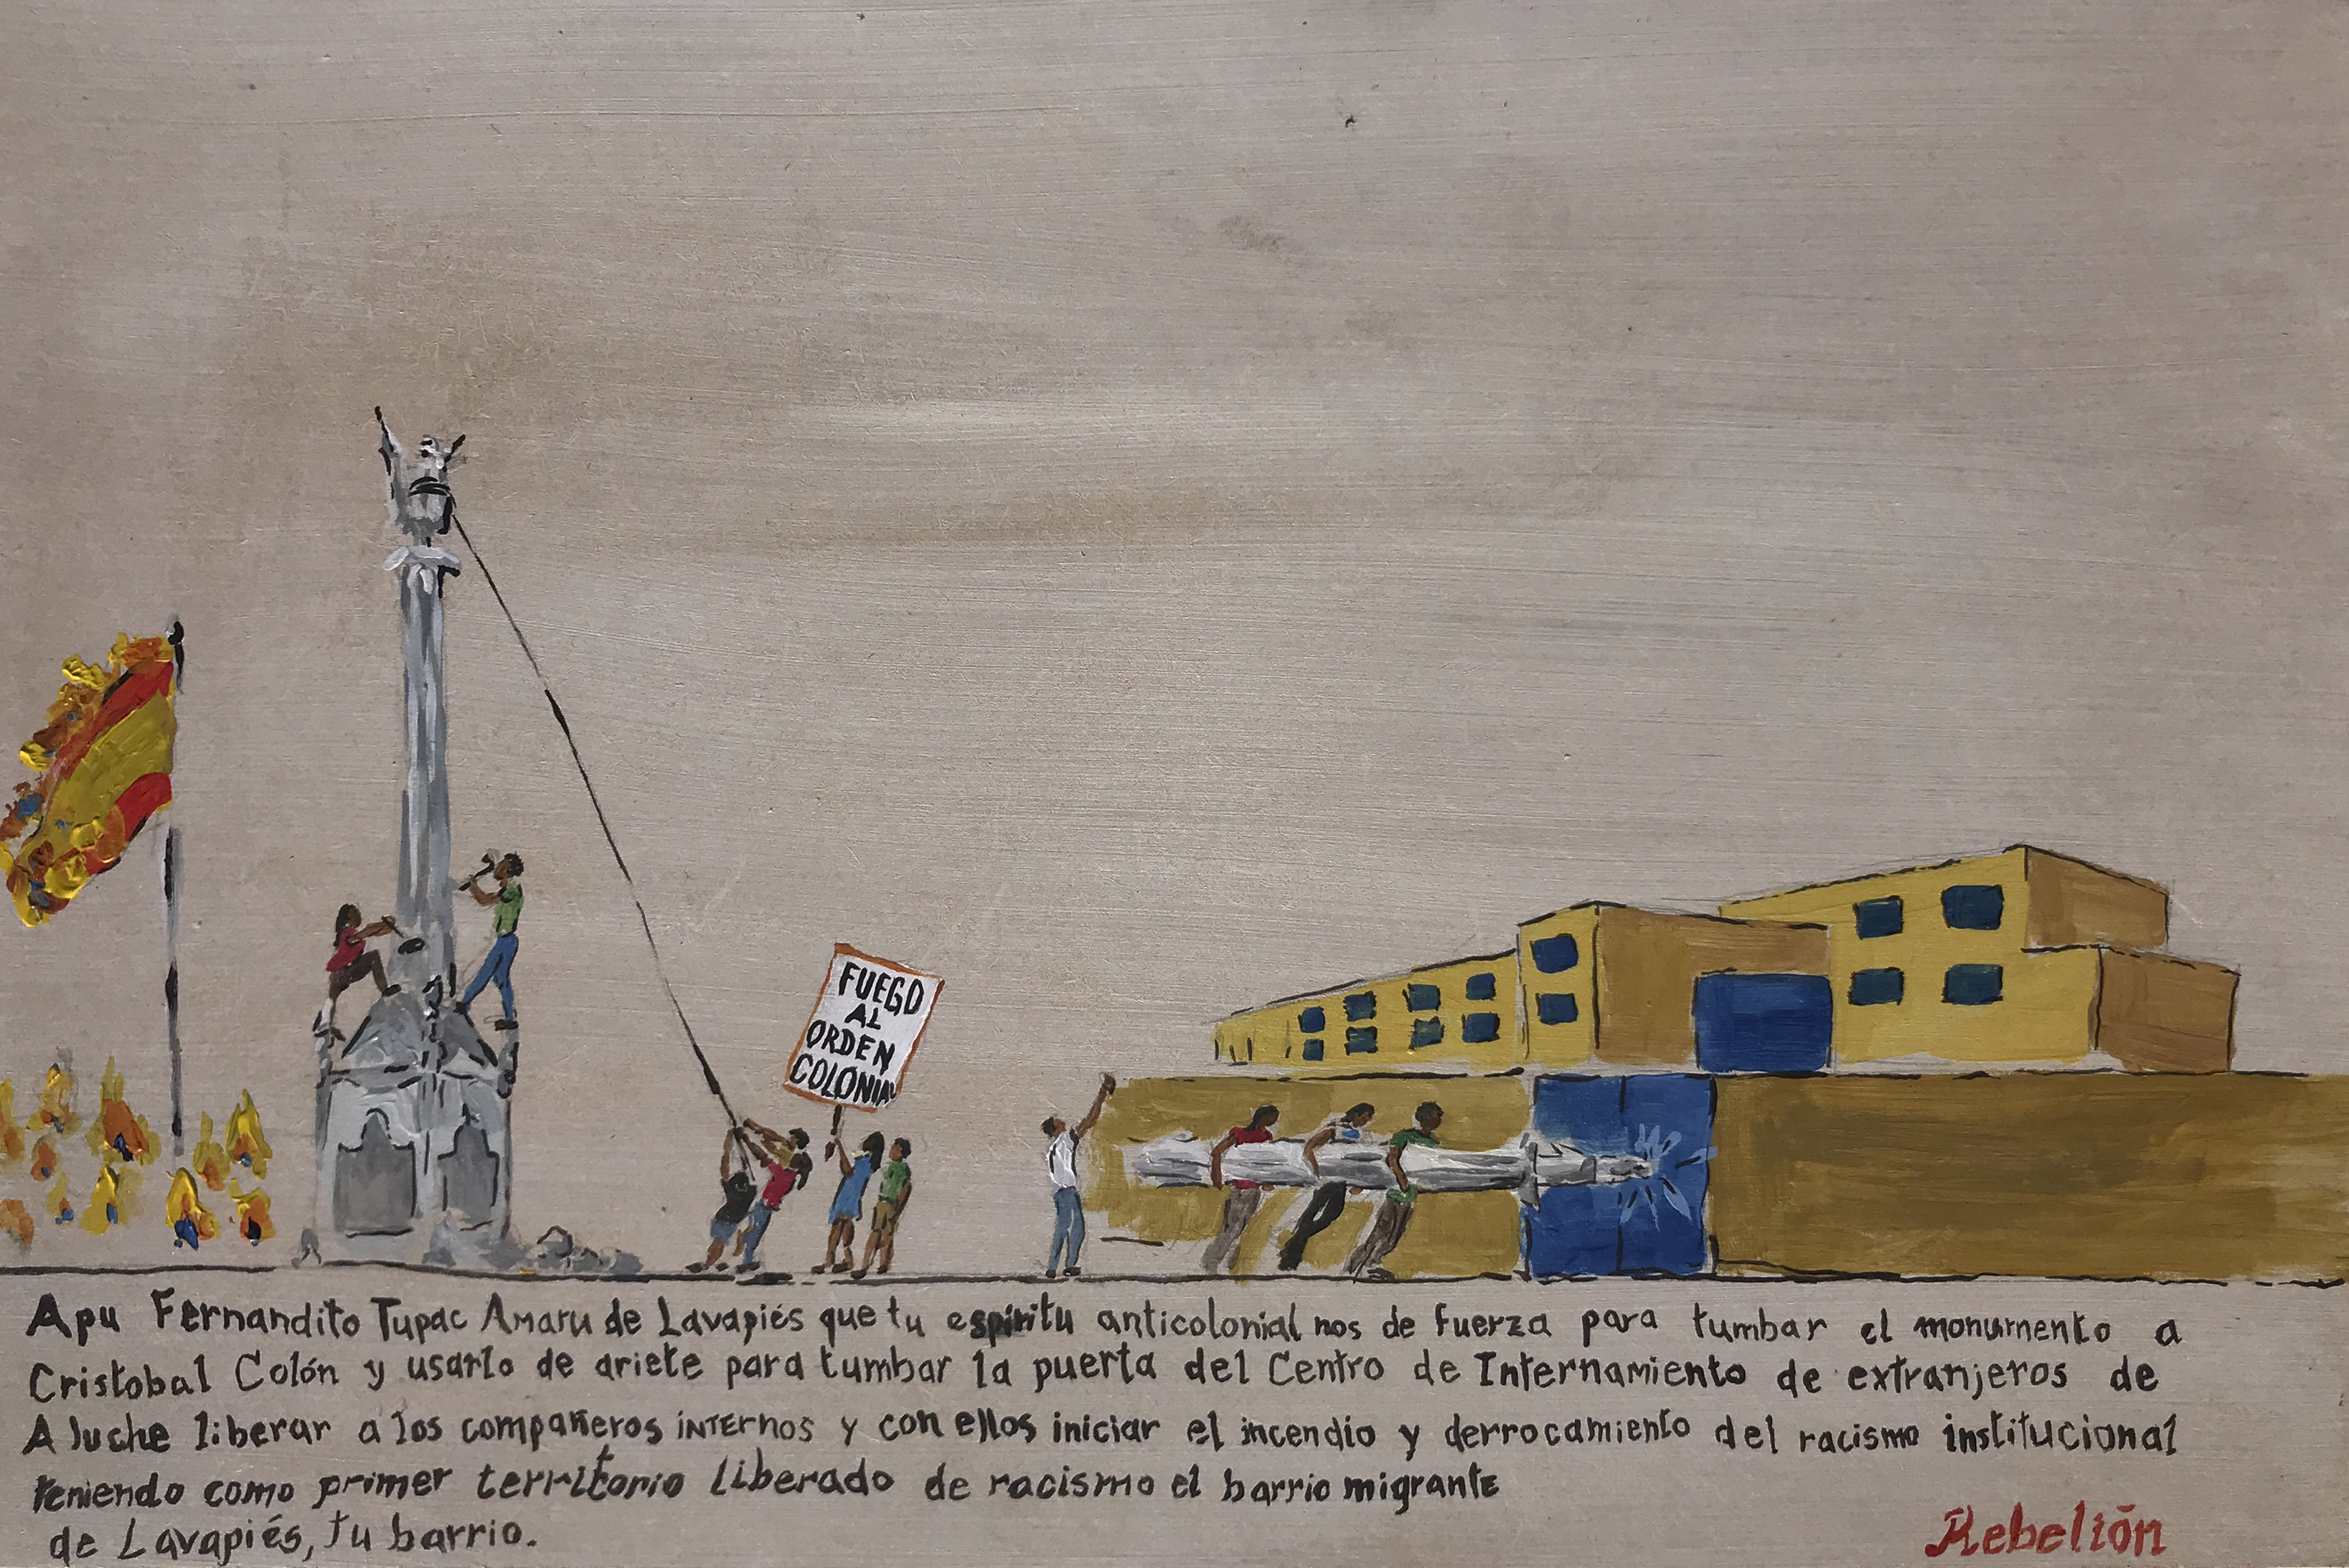 Daniela Ortiz, Anti-colonial prayer to Fernandito Tupac Amaru Bastidas, 2020 (Courtesy l'artista e Galleria Laveronica)